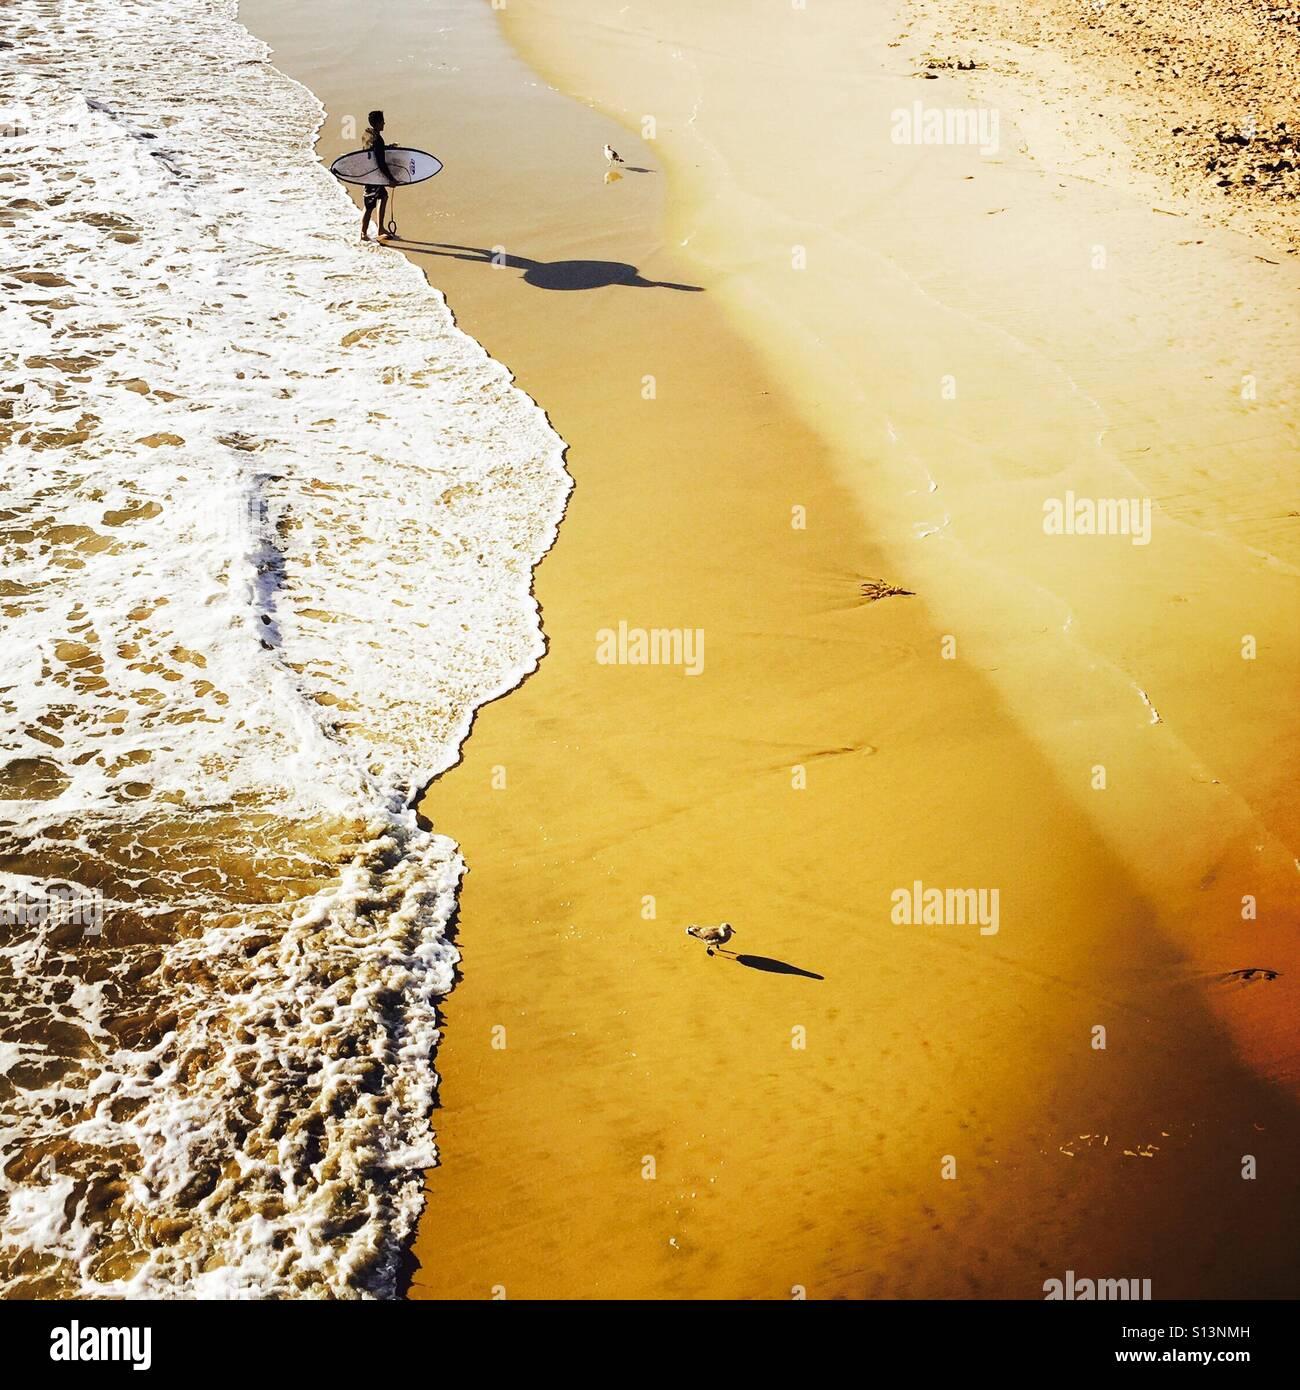 Eine männliche Surfer geht bis zum Strand nach dem Surfen. Manhattan Beach, Kalifornien USA. Stockfoto